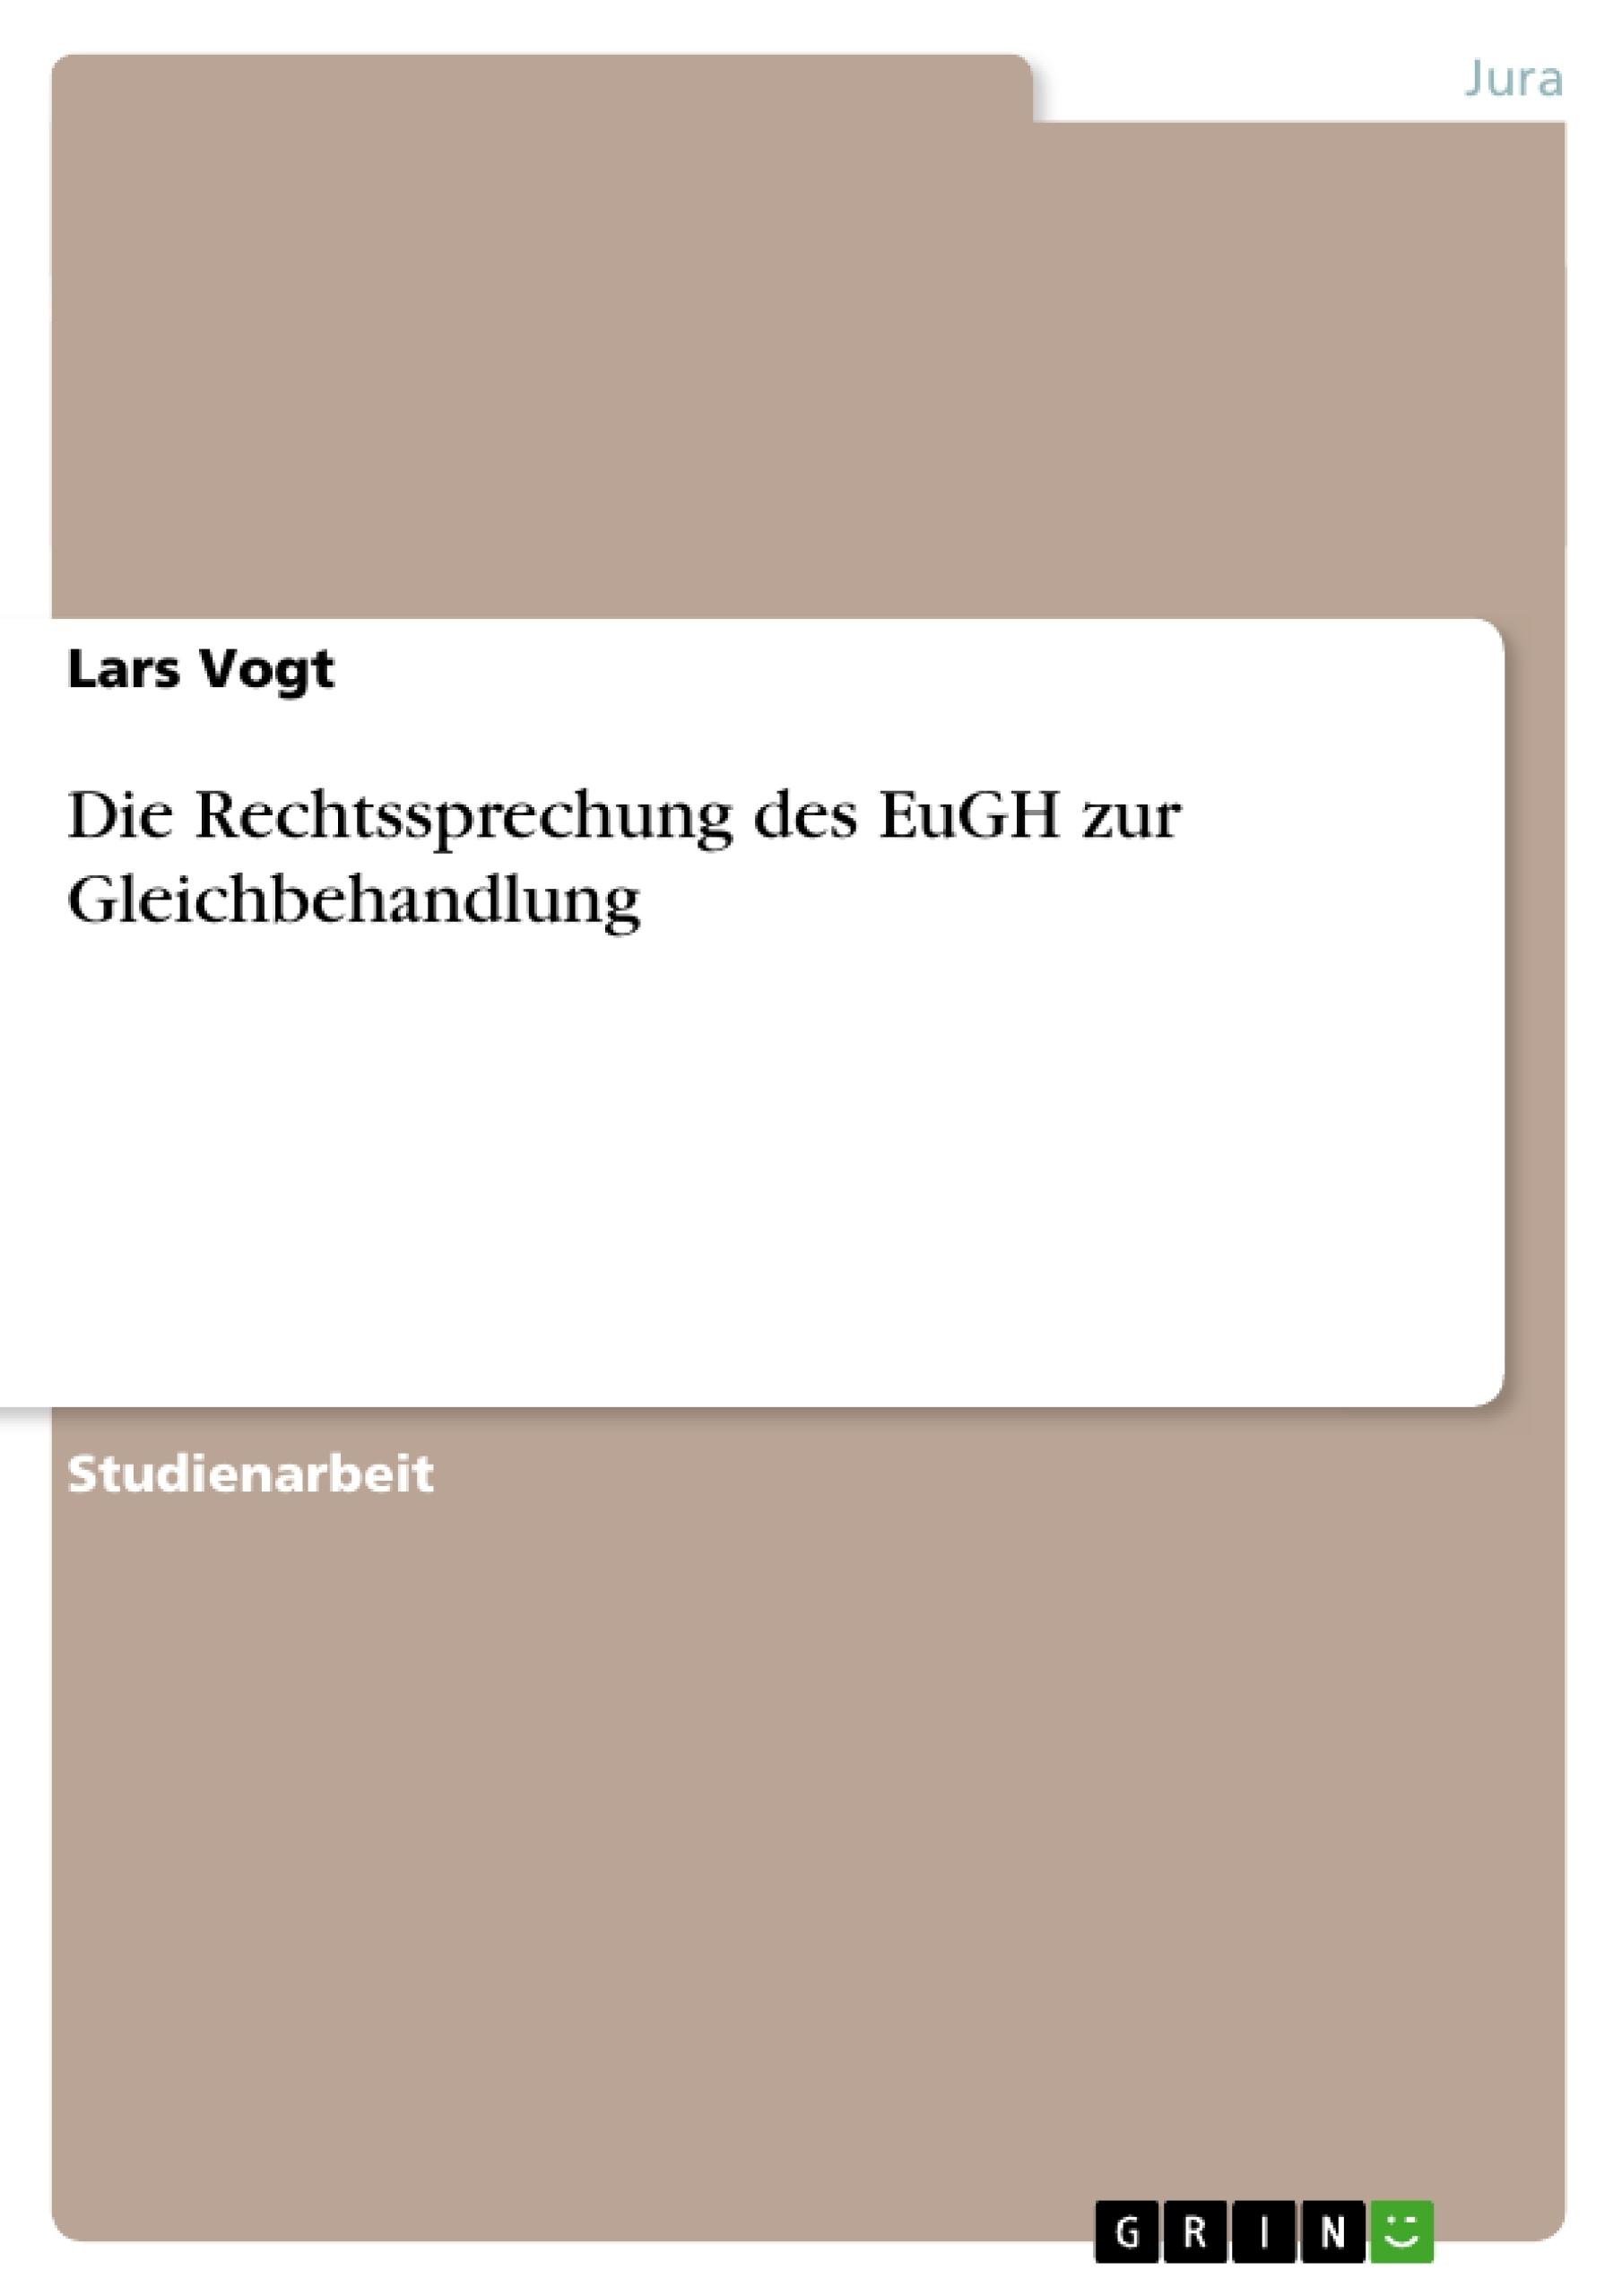 Titel: Die Rechtssprechung des EuGH zur Gleichbehandlung